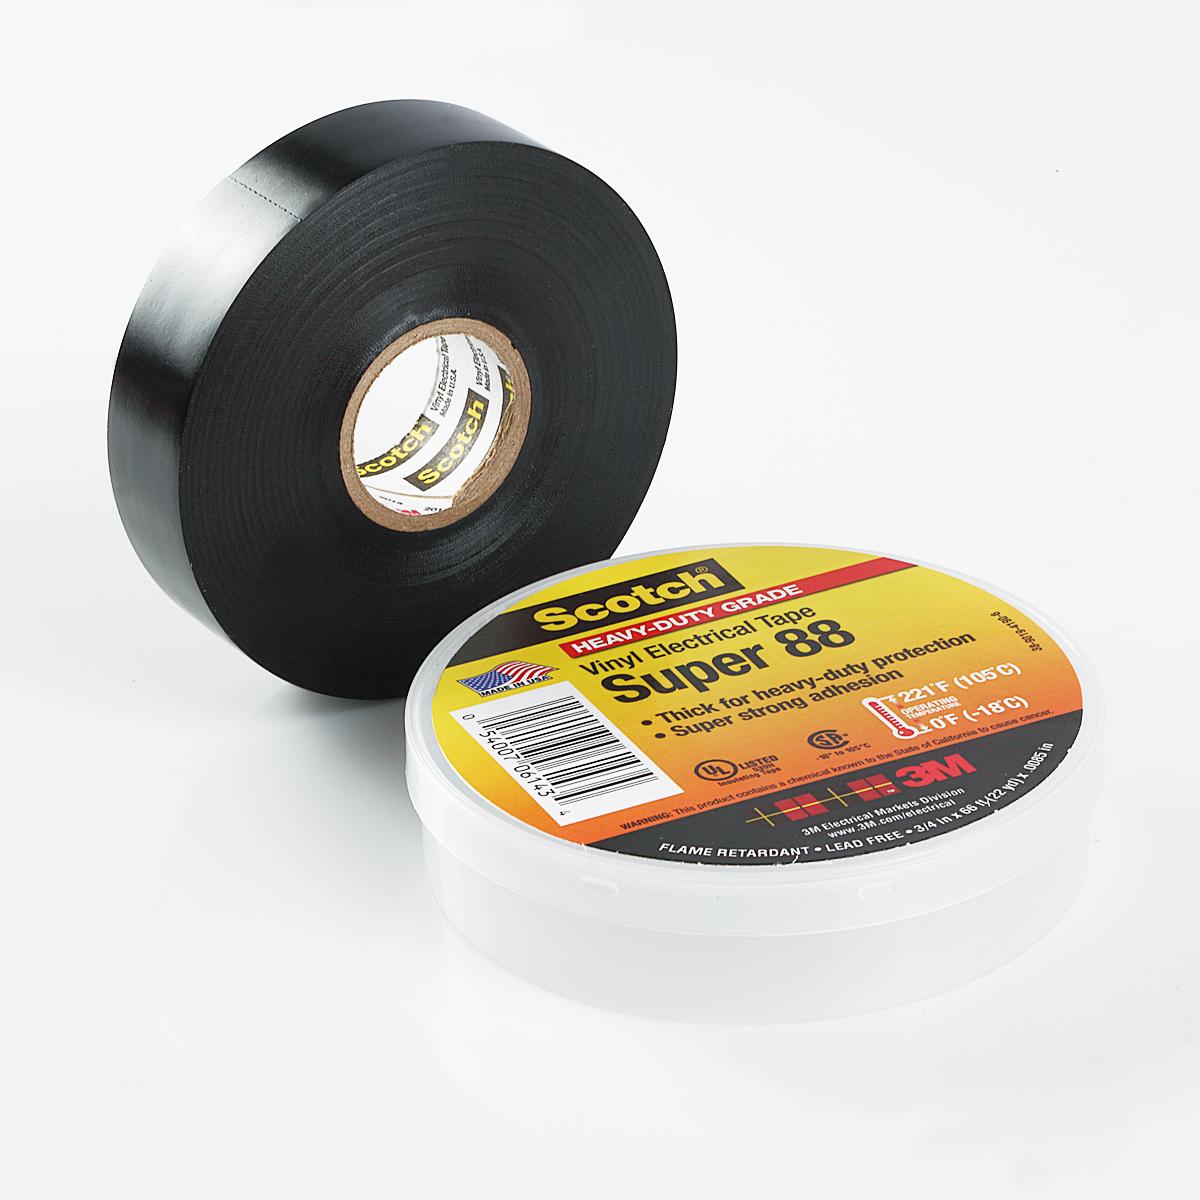 10 Rolls 3M Scotch Vinyl Electrical Tape Super-88, 3/4 in x 66 ft 22 yd | eBay